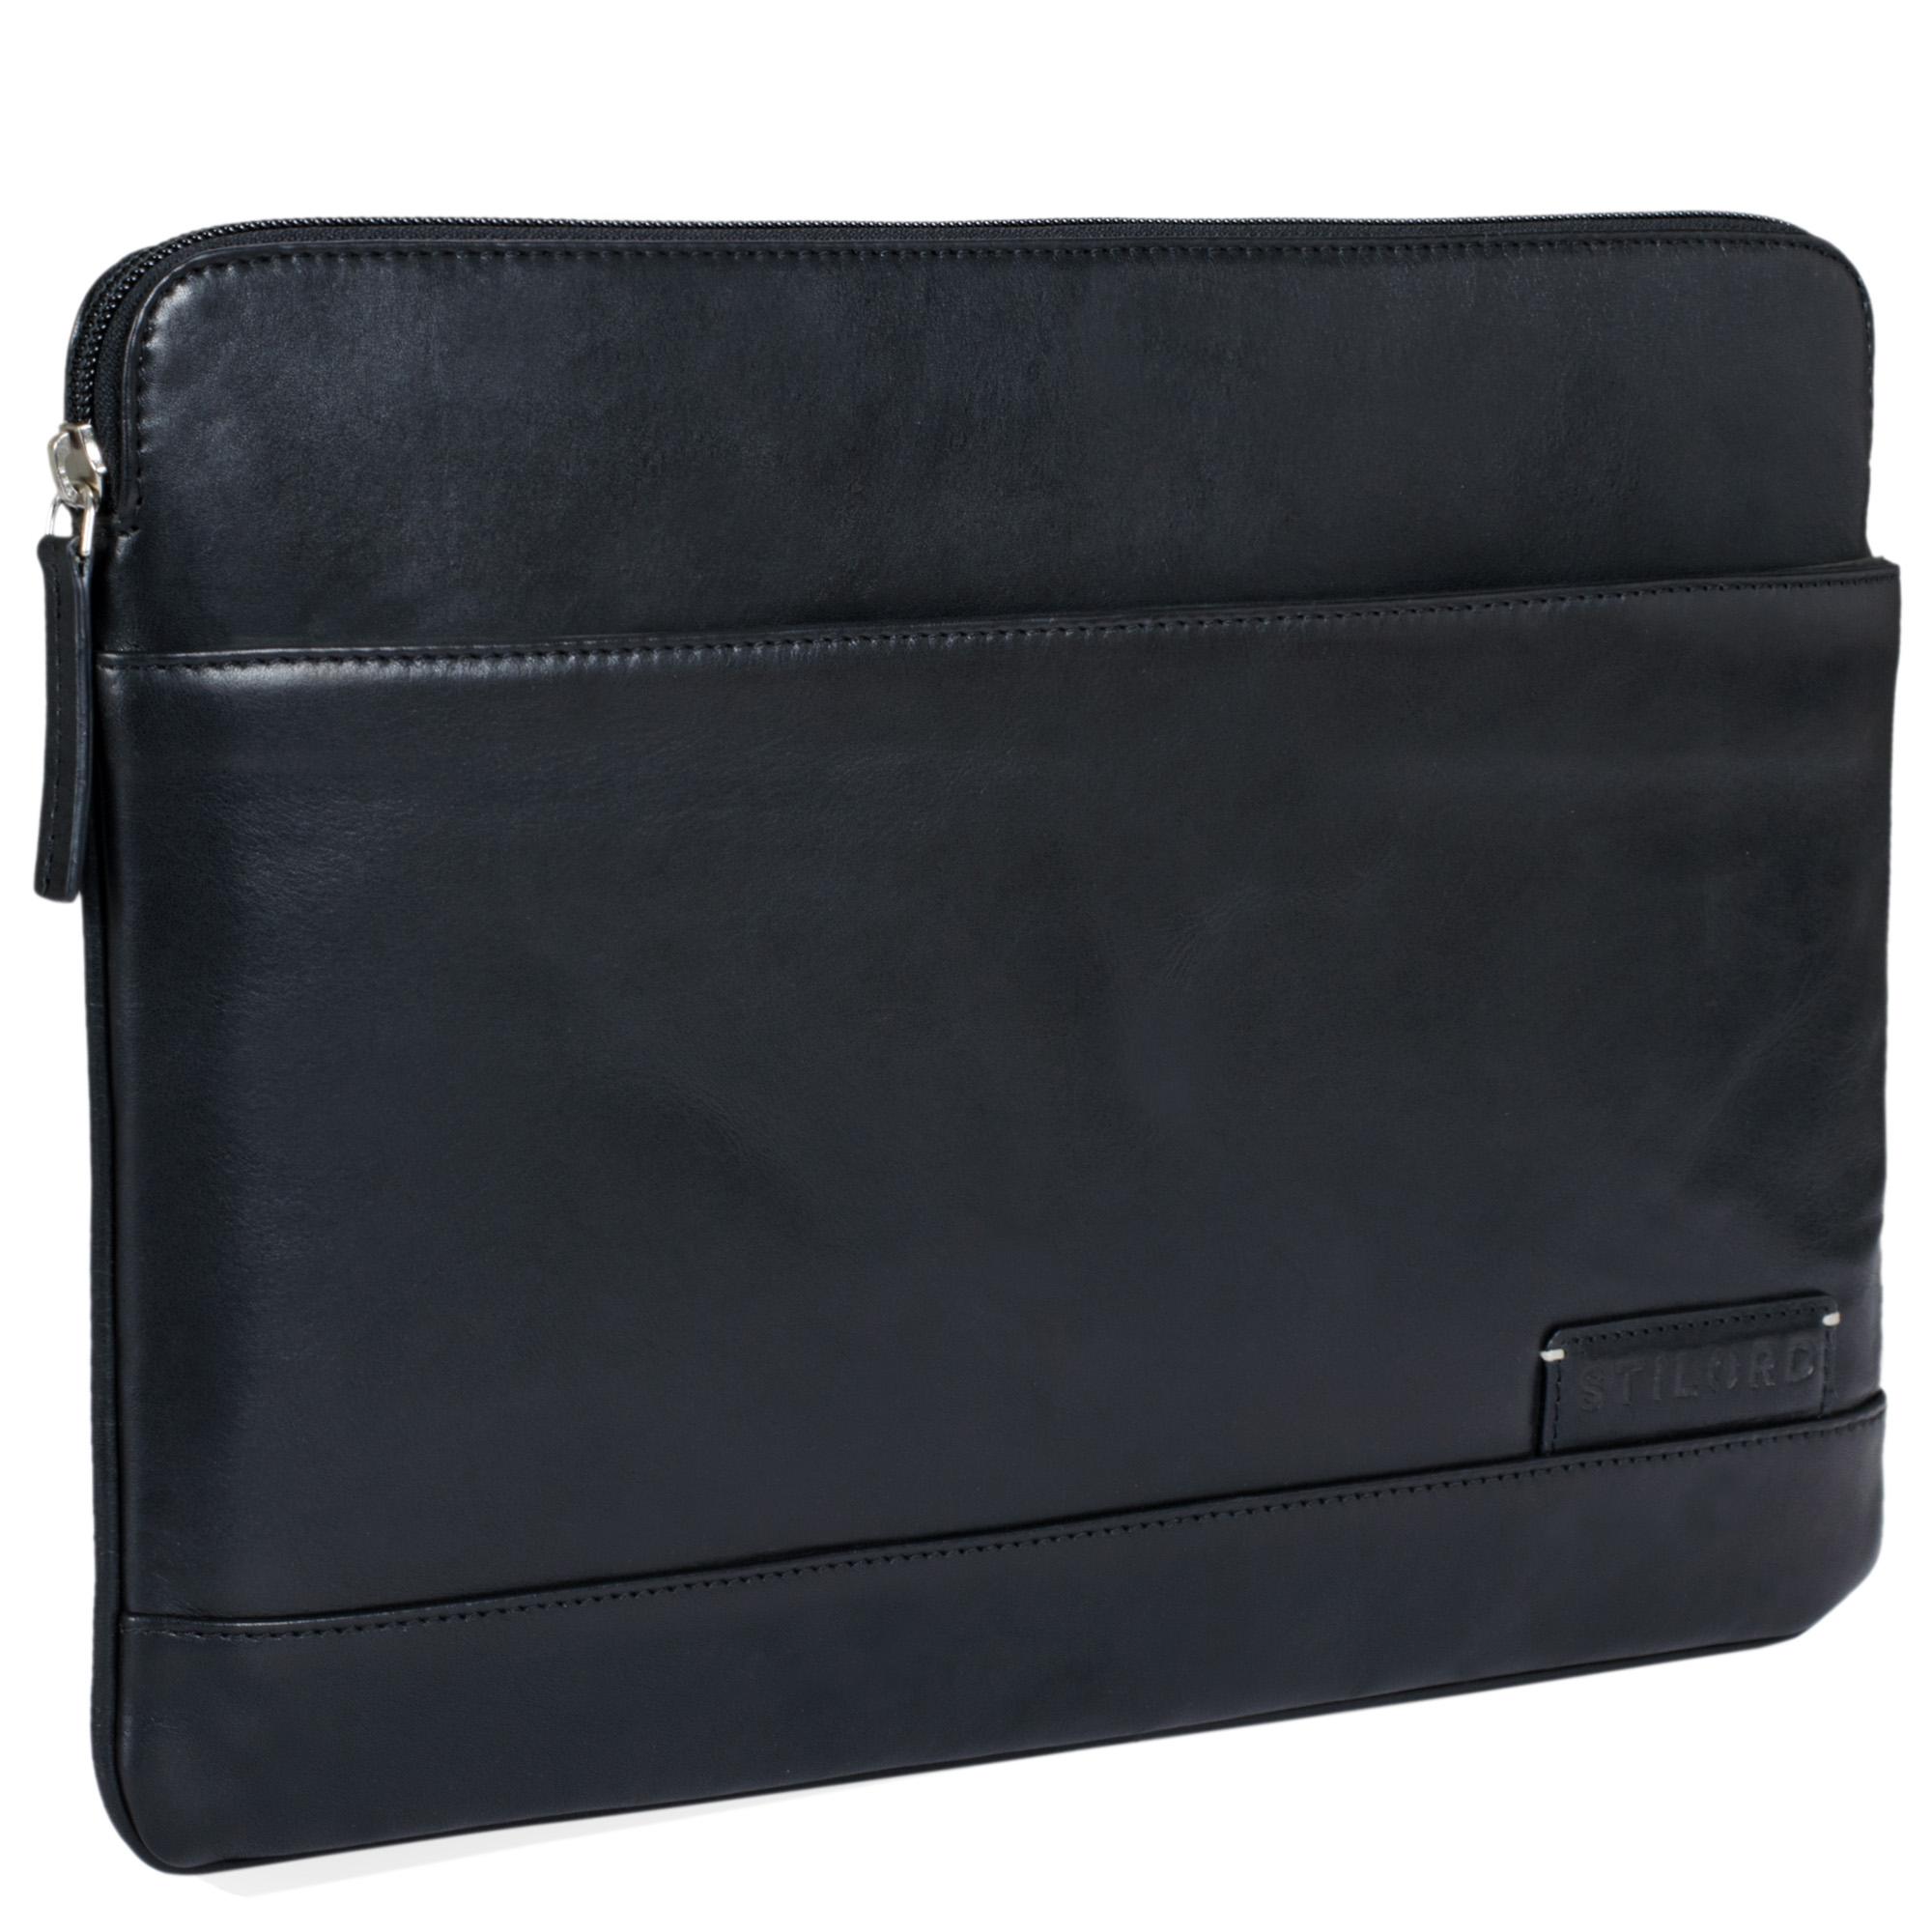 """STILORD """"Robb"""" Vintage Leder Laptoptasche für 13,3 Zoll MacBooks MacBooktasche Universal Tablettasche bis 14 Zoll DIN A4 echtes Rindsleder - Bild 9"""